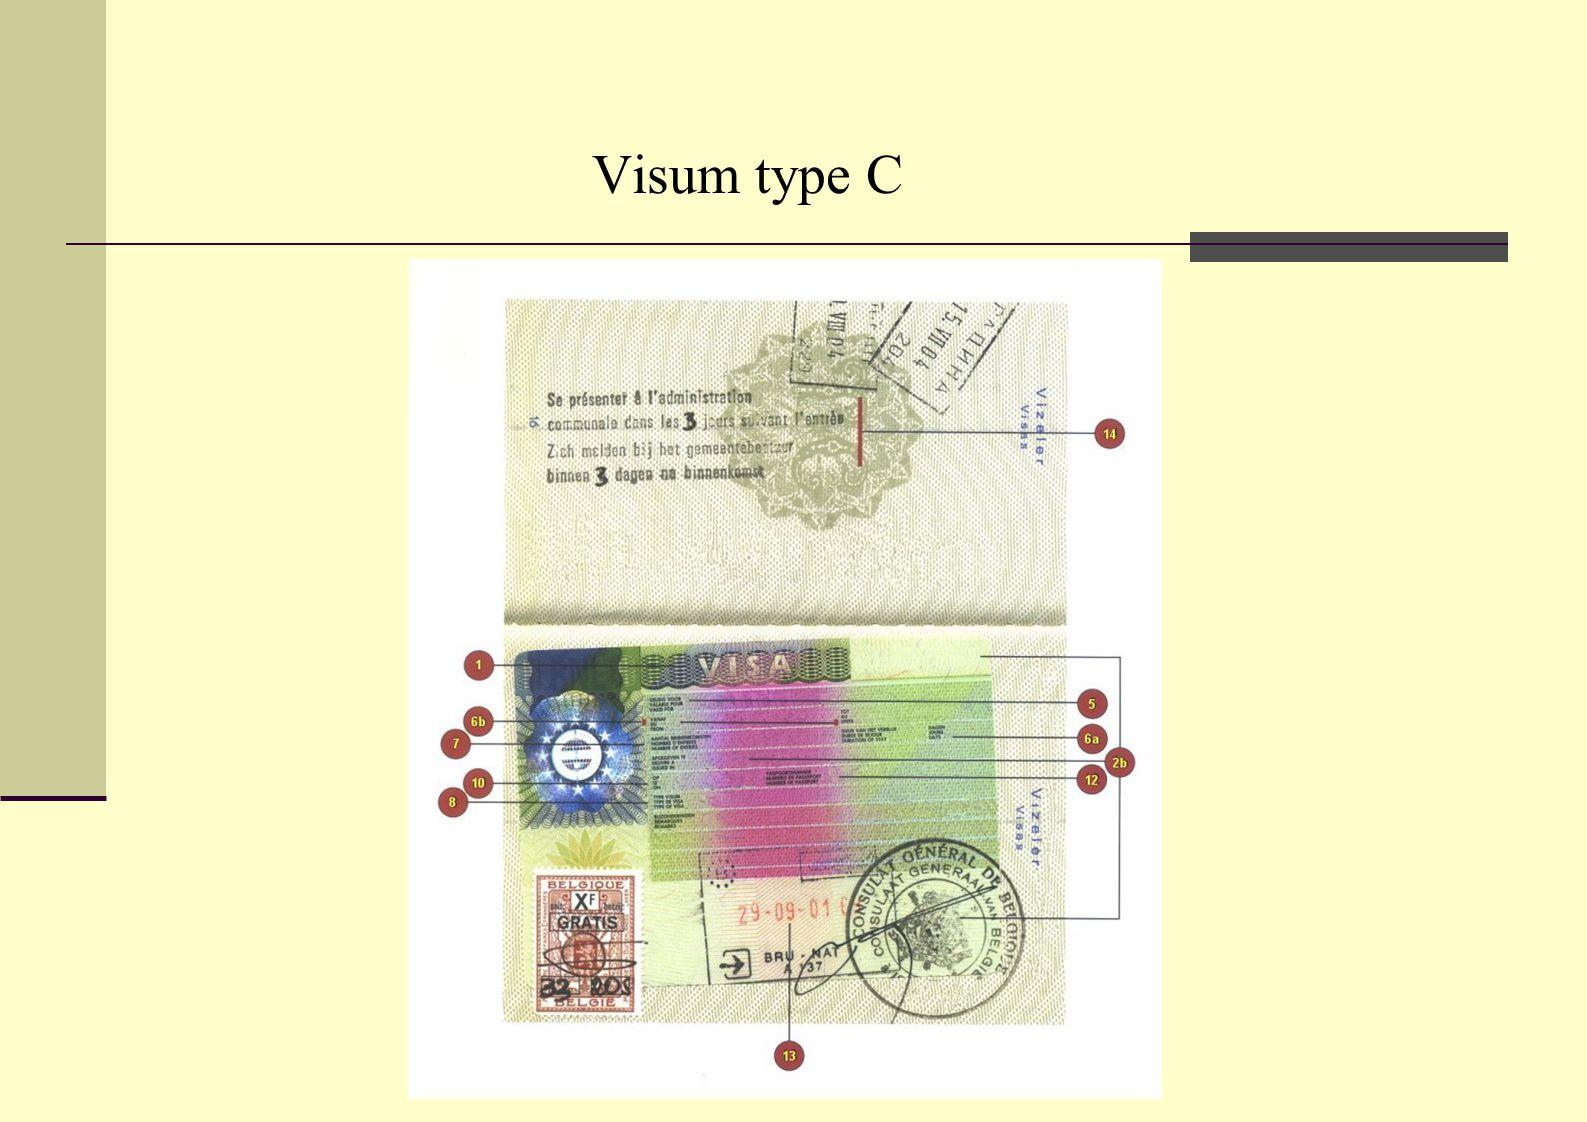 Visum type C